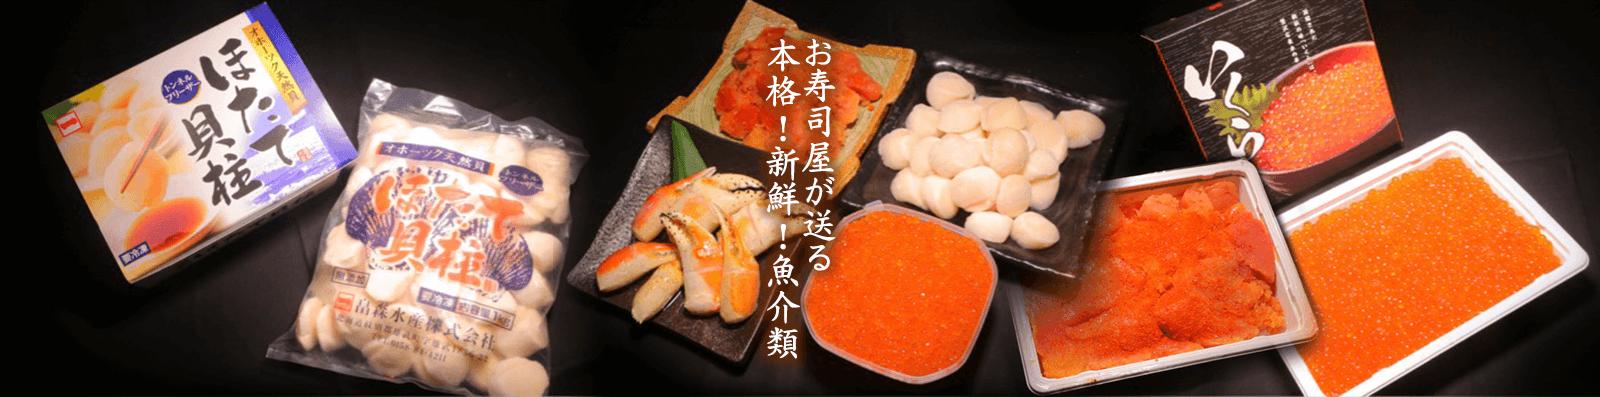 お寿司屋が送る 本格!新鮮!魚介類